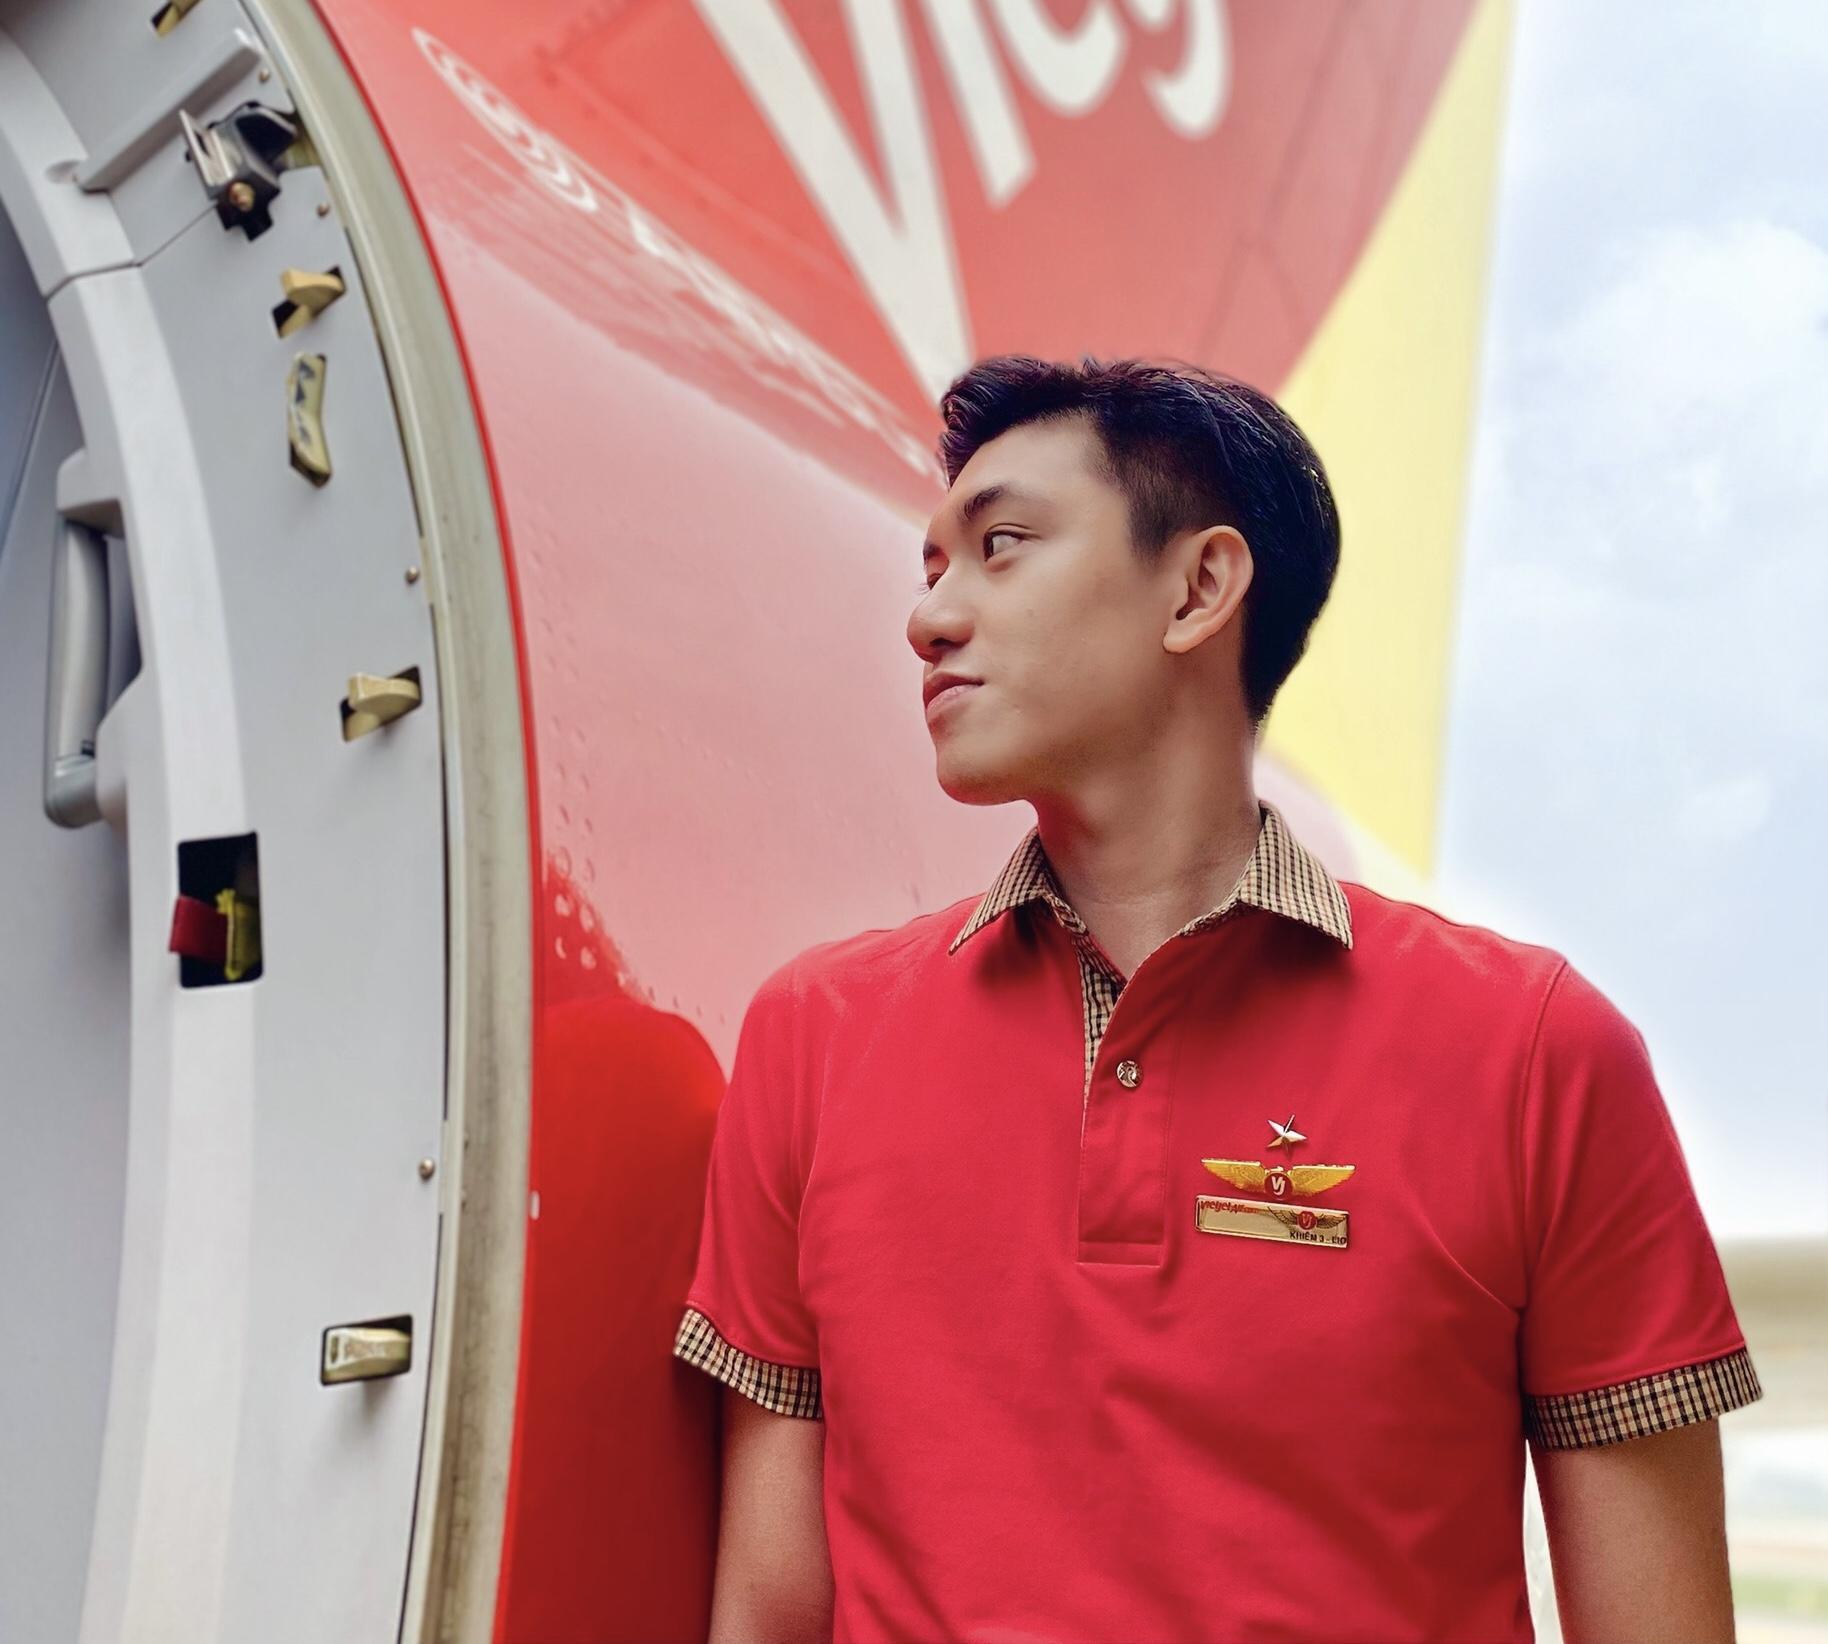 Hot boy hàng không mới nổi hút fans nhờ vẻ đẹp tự nhiên giản dị, ấm áp - 2